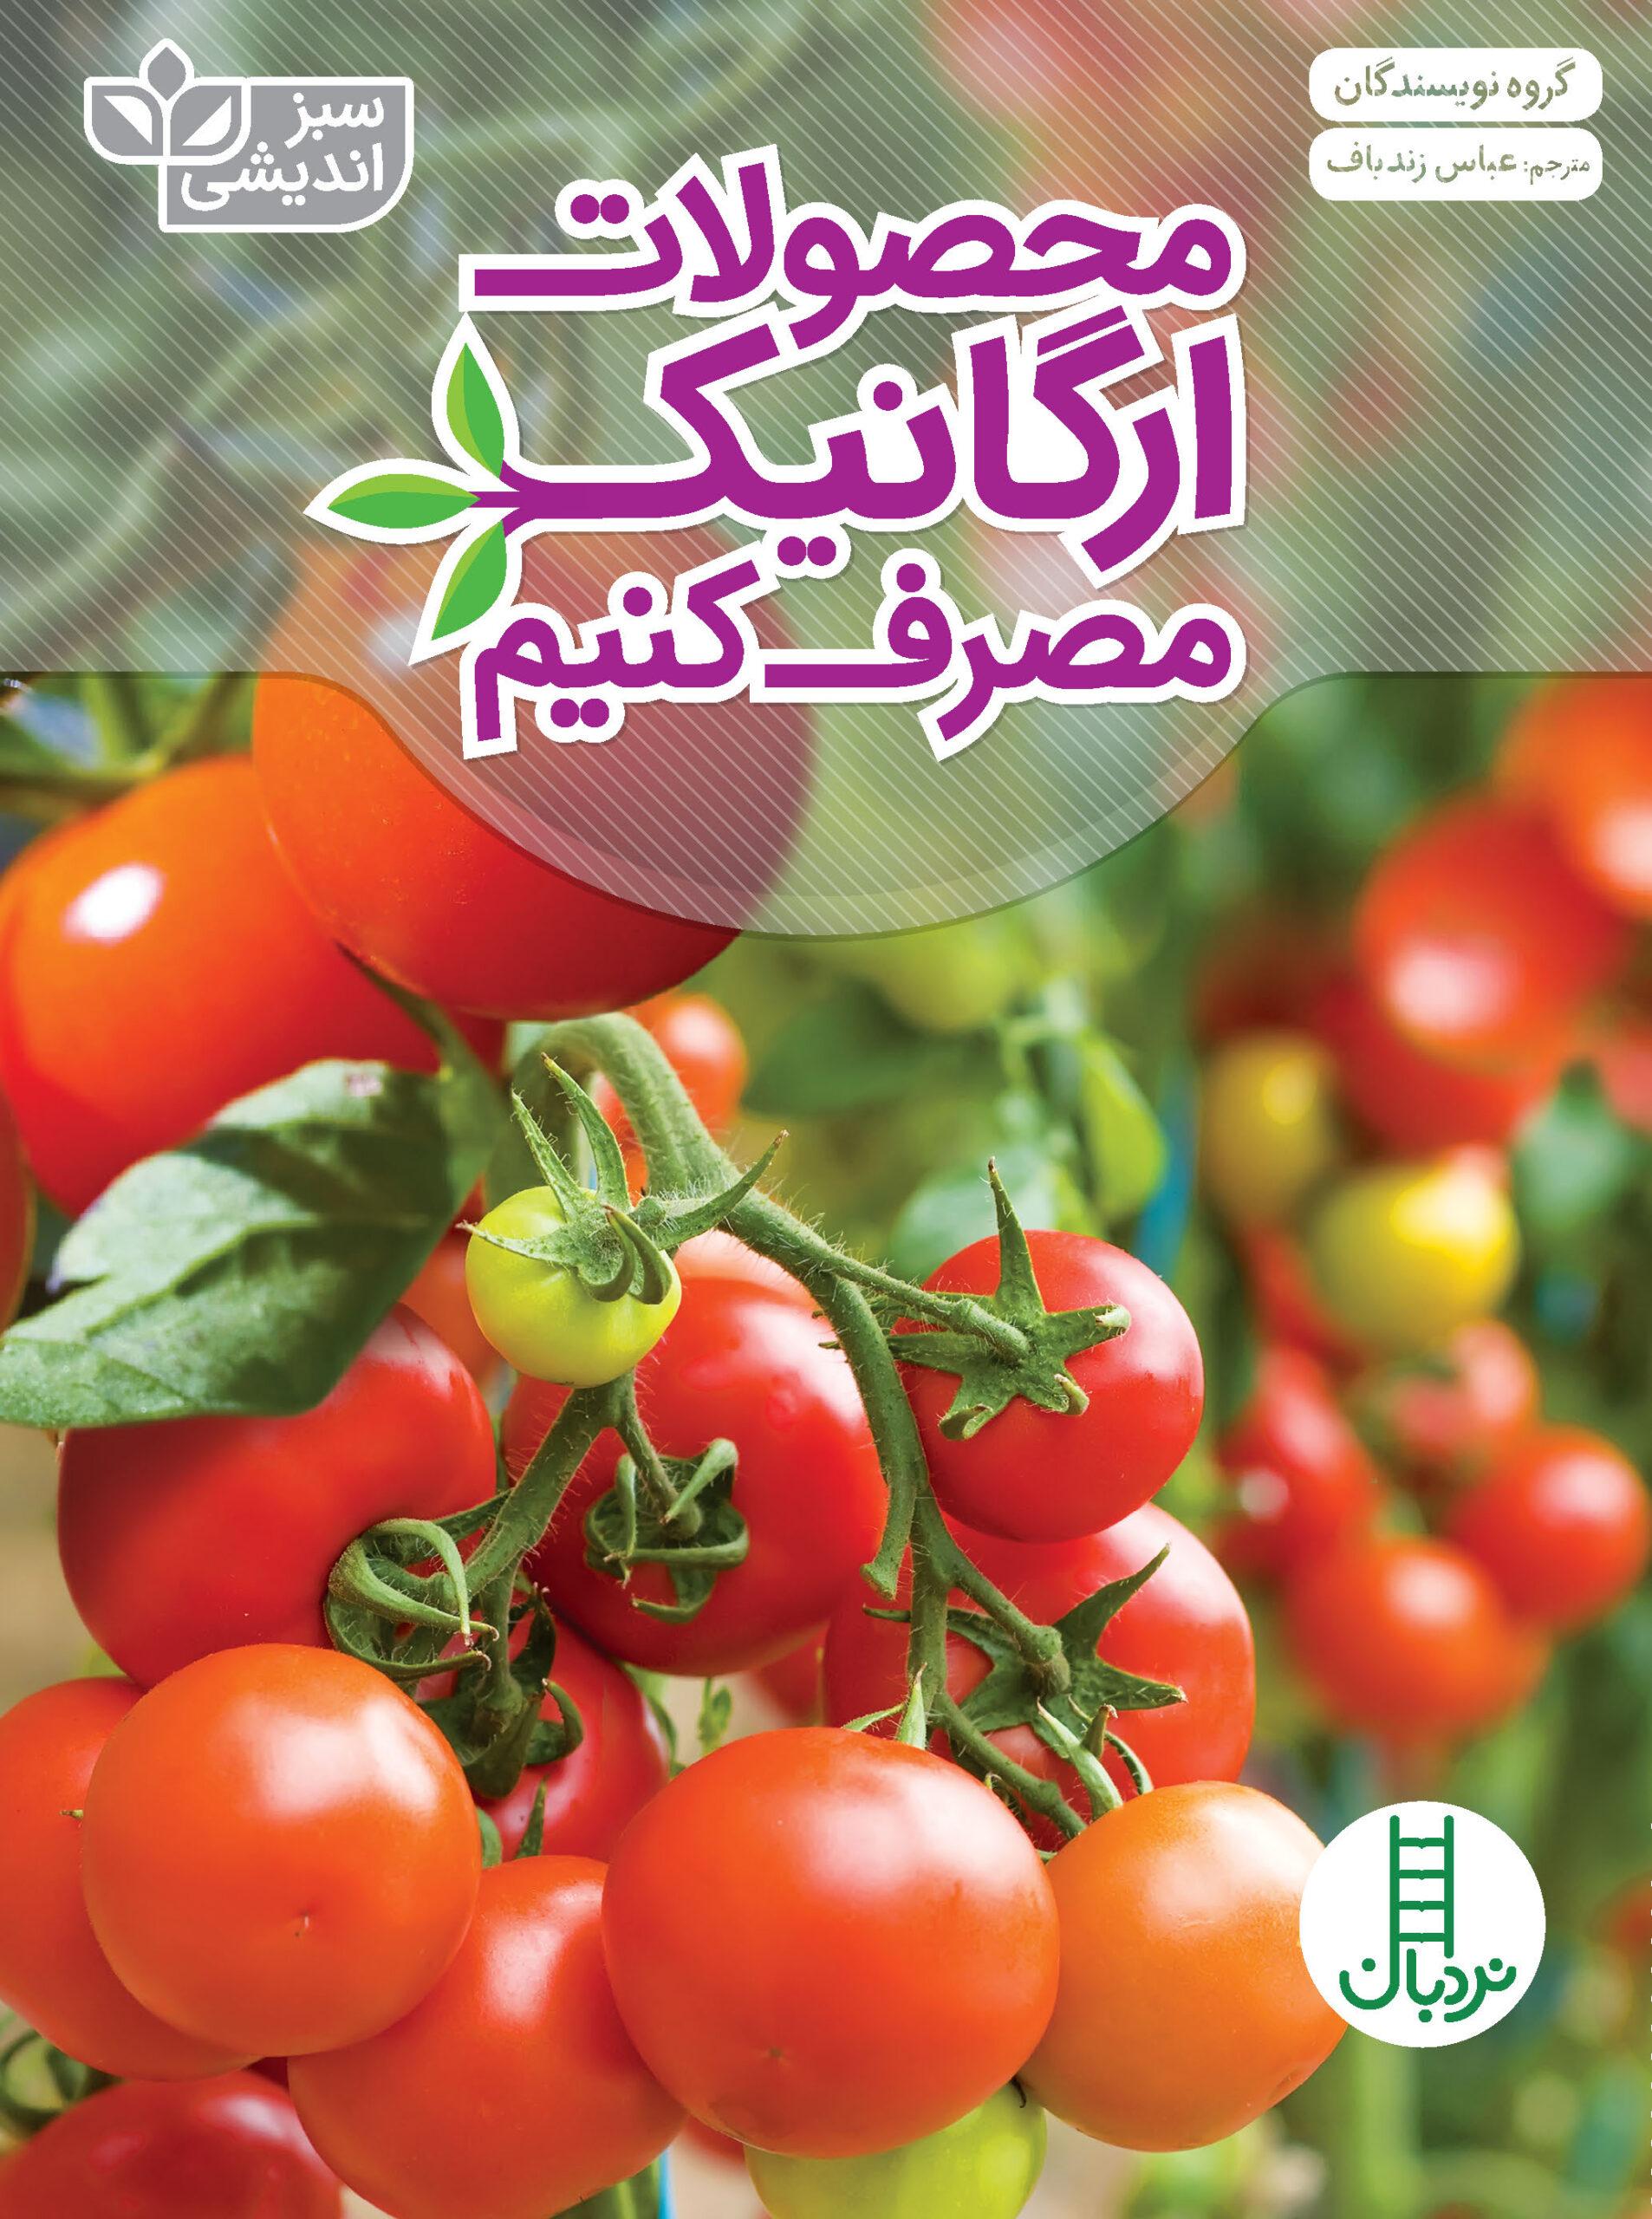 محصولات ارگانیک مصرف کنیم